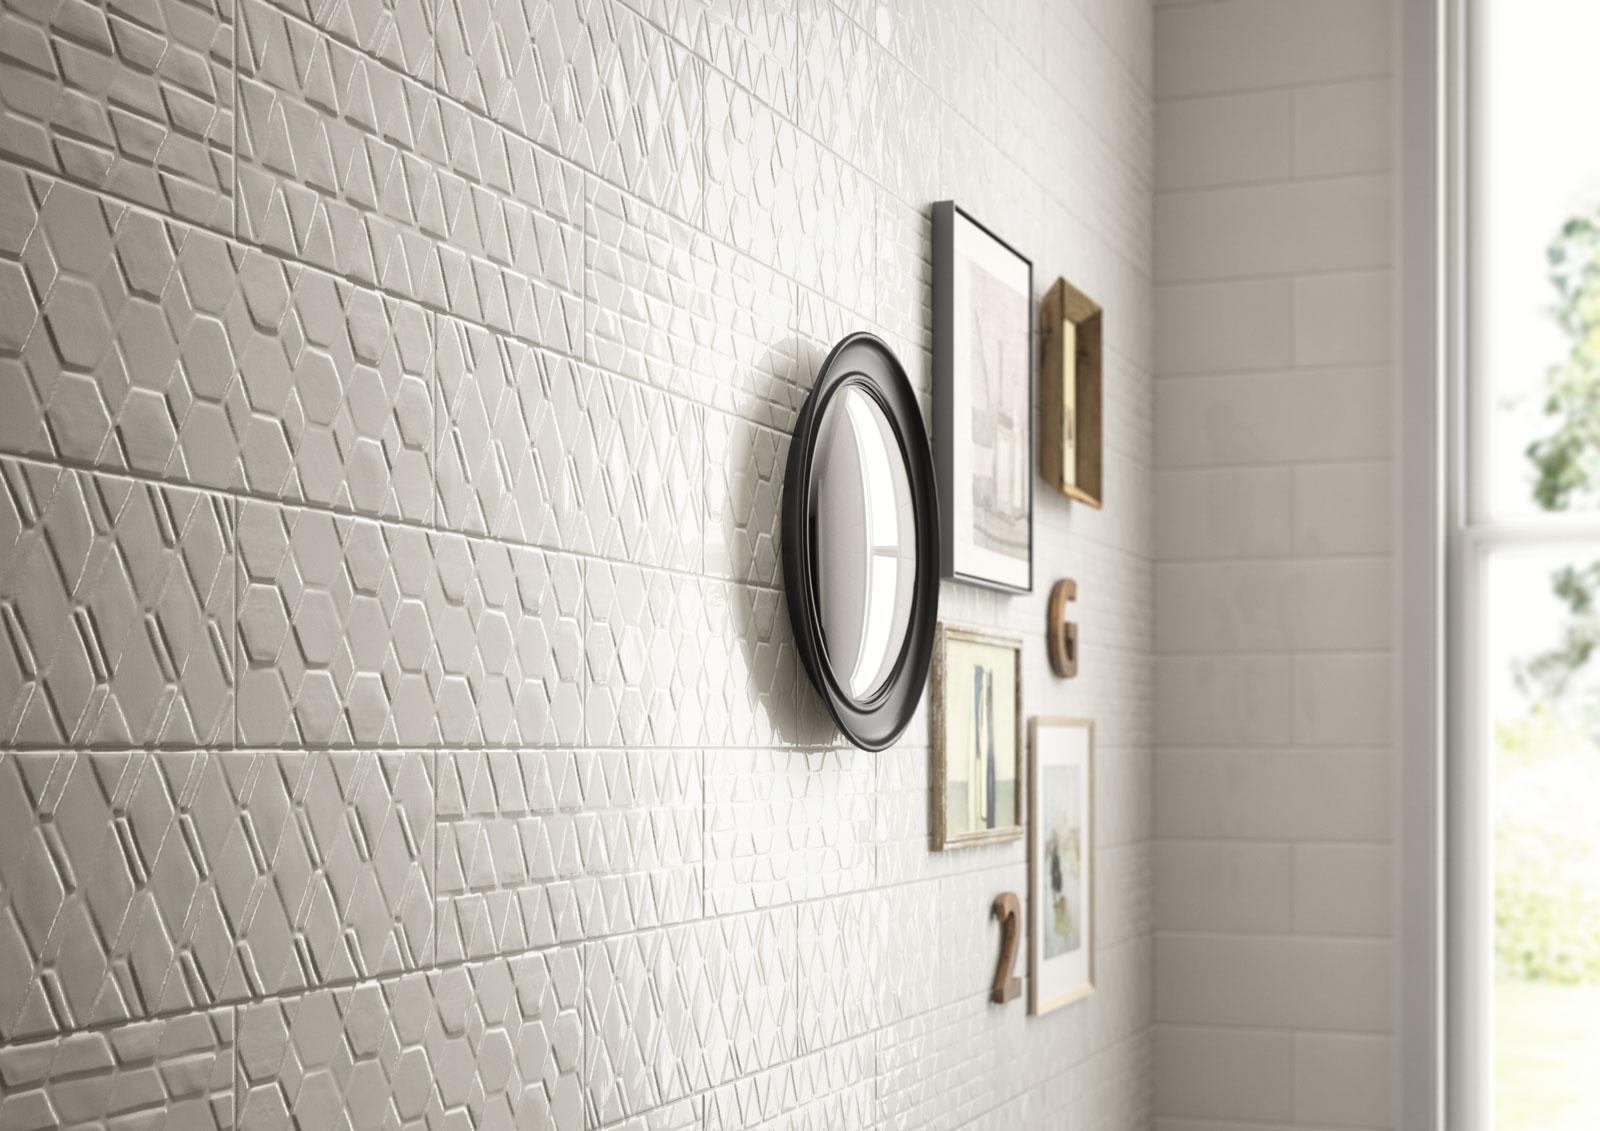 piastrelle bianco: guarda le collezioni | marazzi - Piastrelle Bianche Ceramica